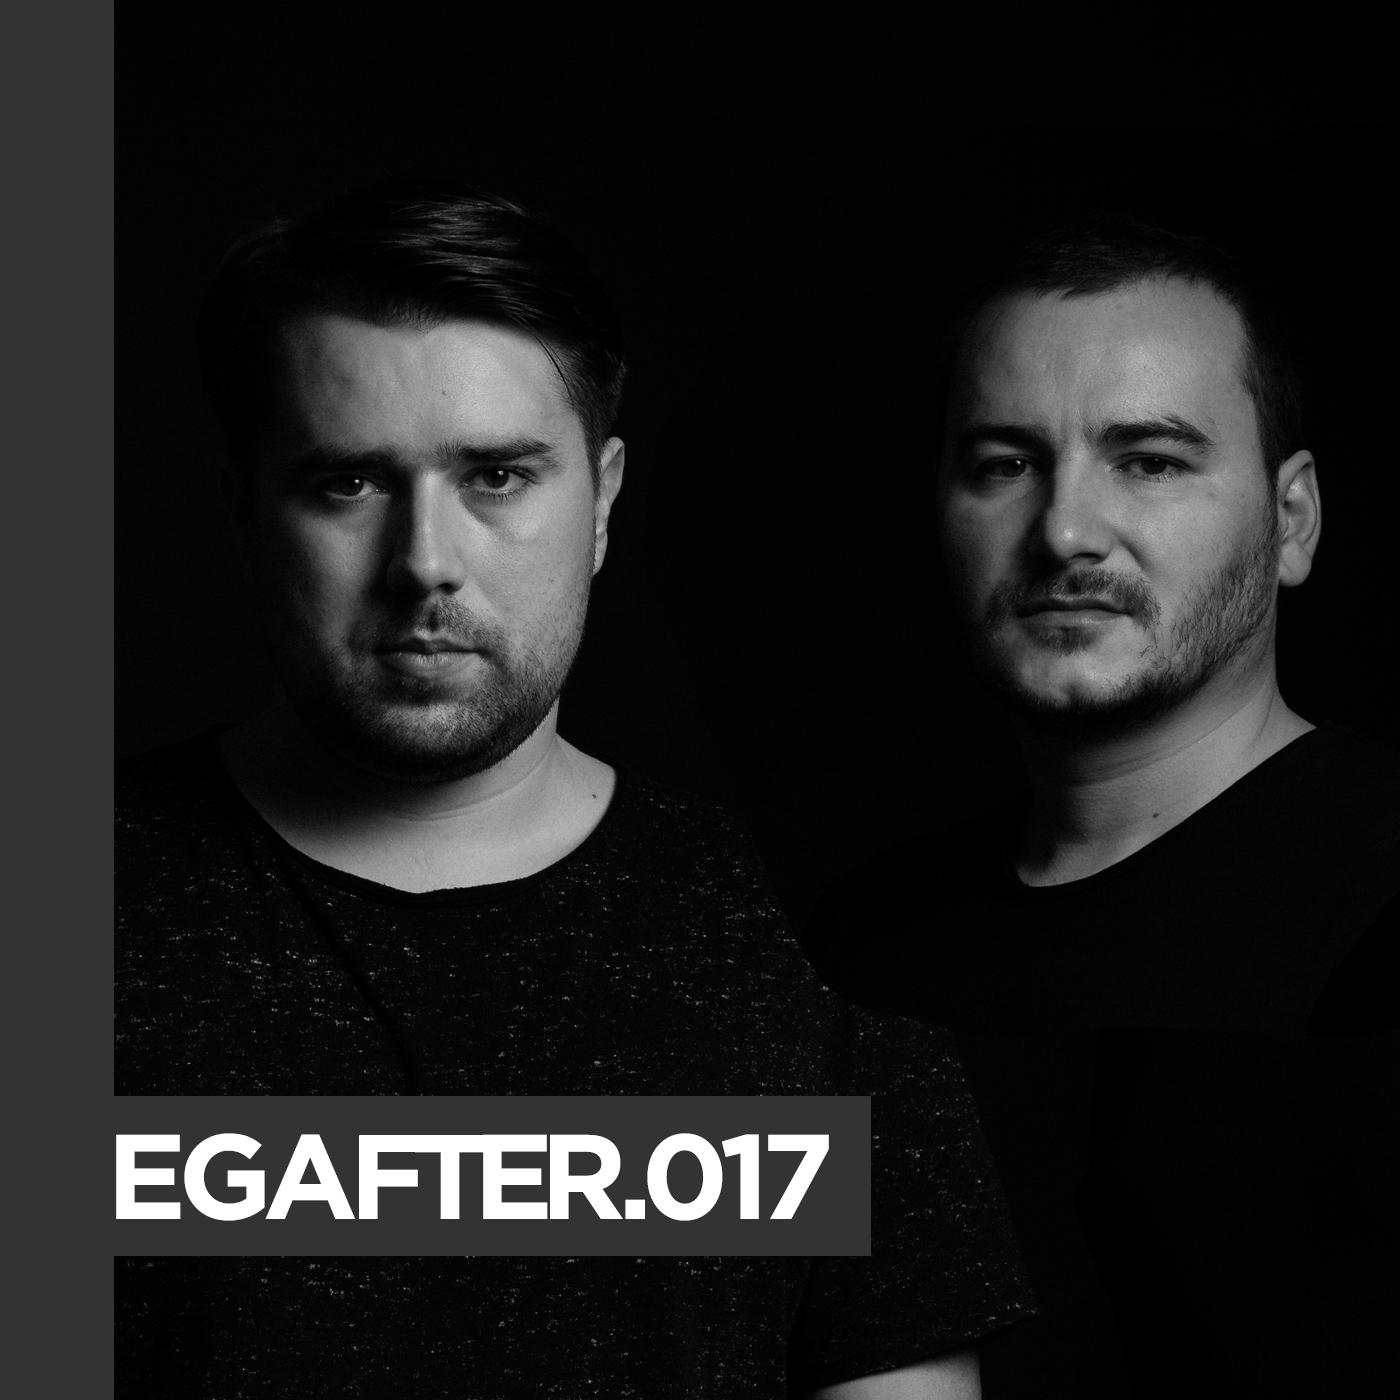 EGAFTER.017 NTFO